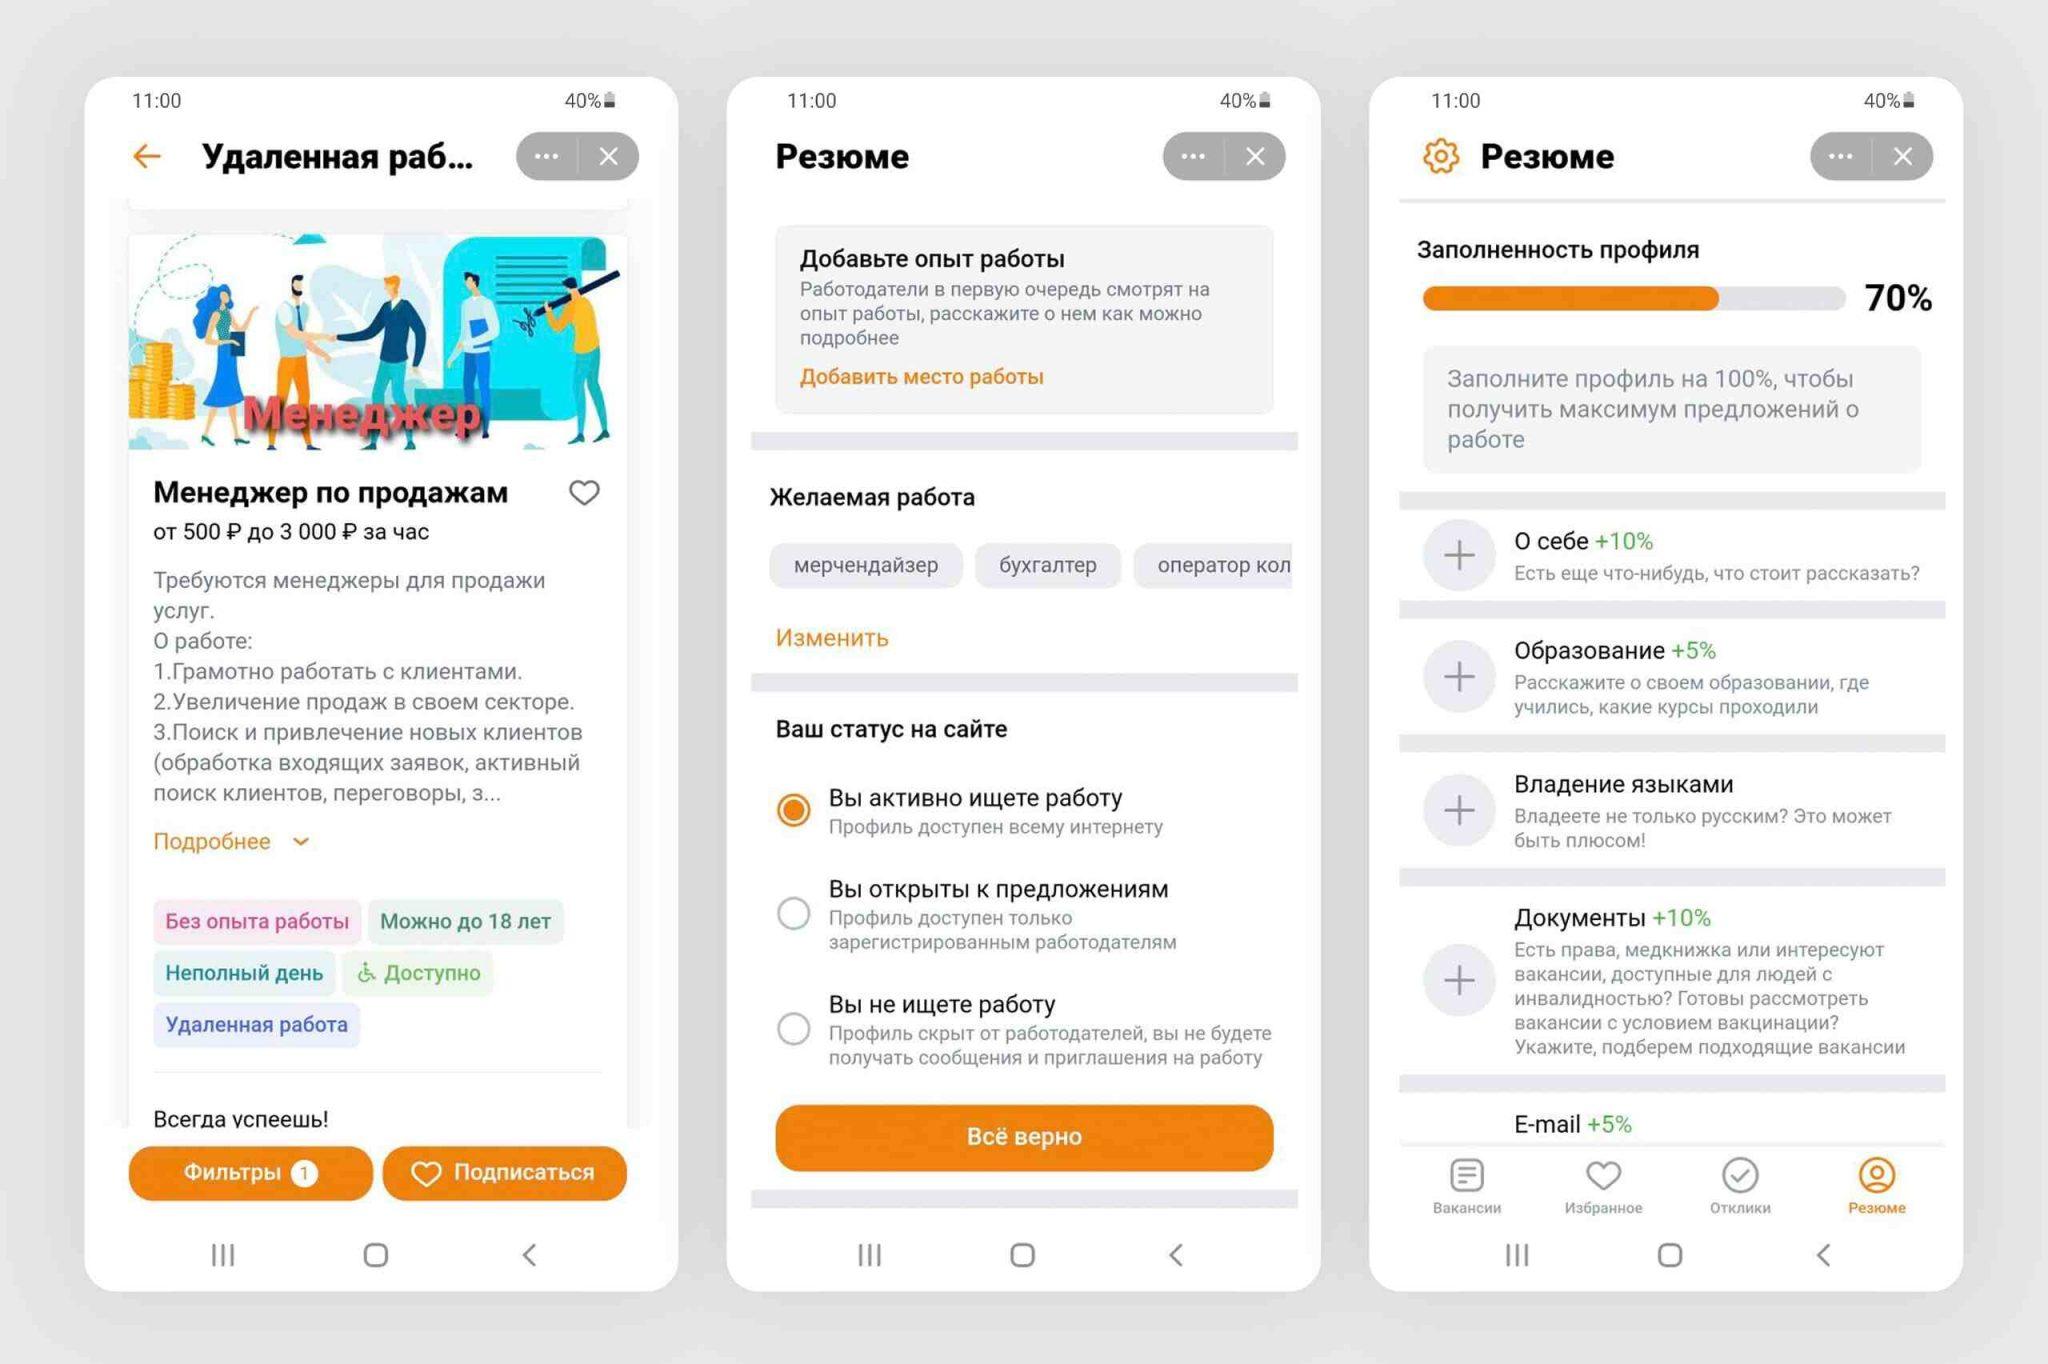 В Одноклассниках появился сервис для поиска работы и сотрудников